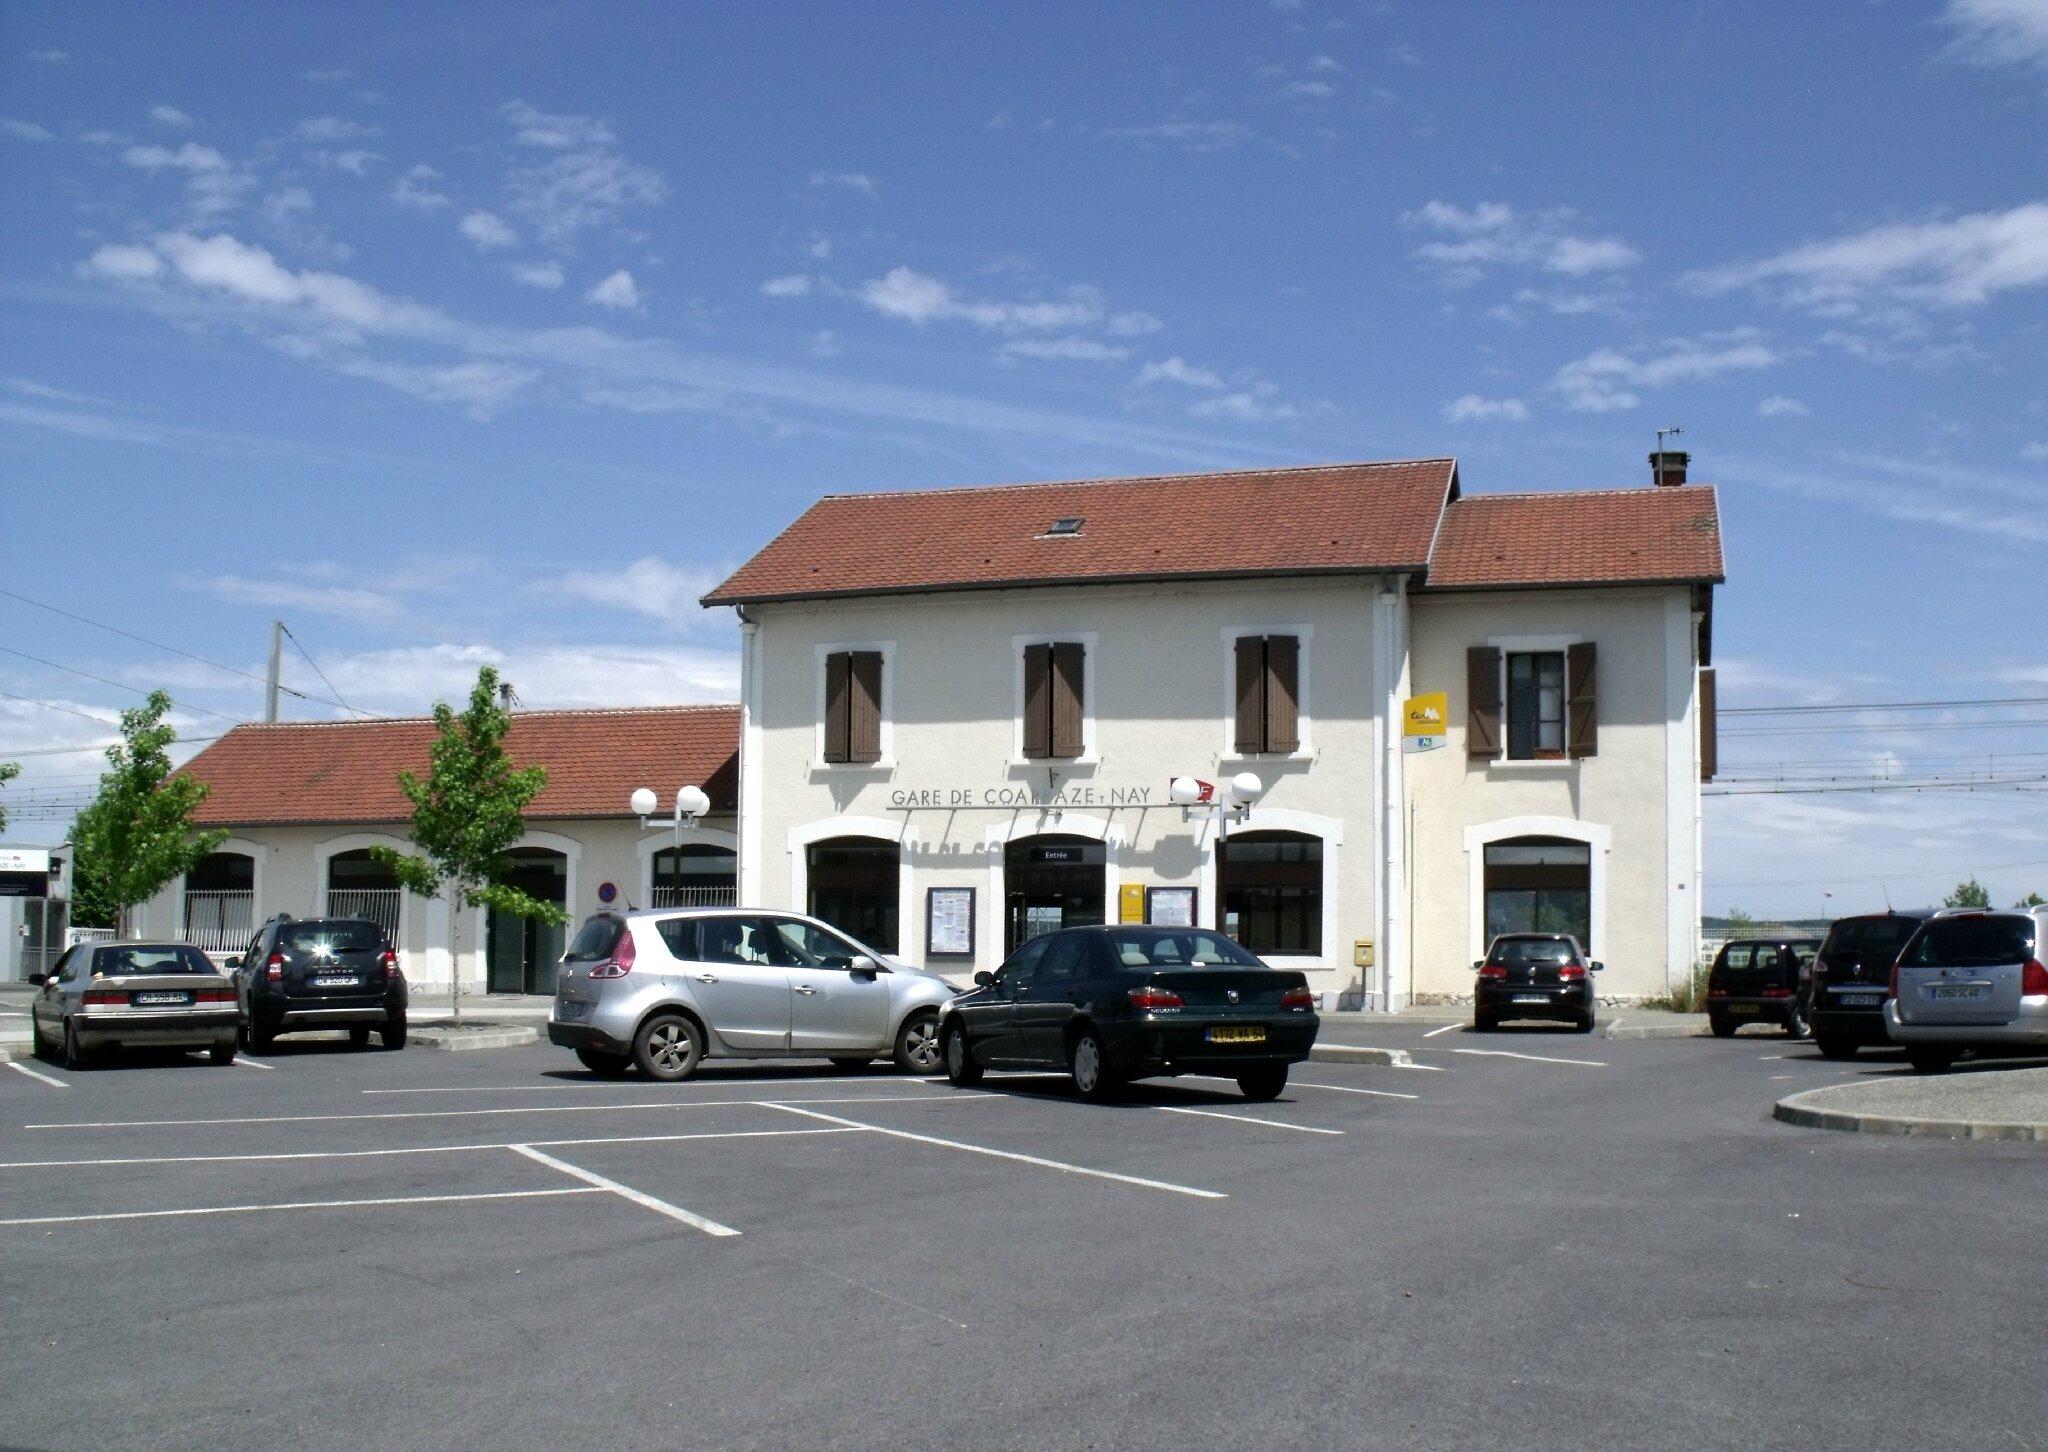 Coarraze - Nay (Pyrénées-Atlantiques - 64)